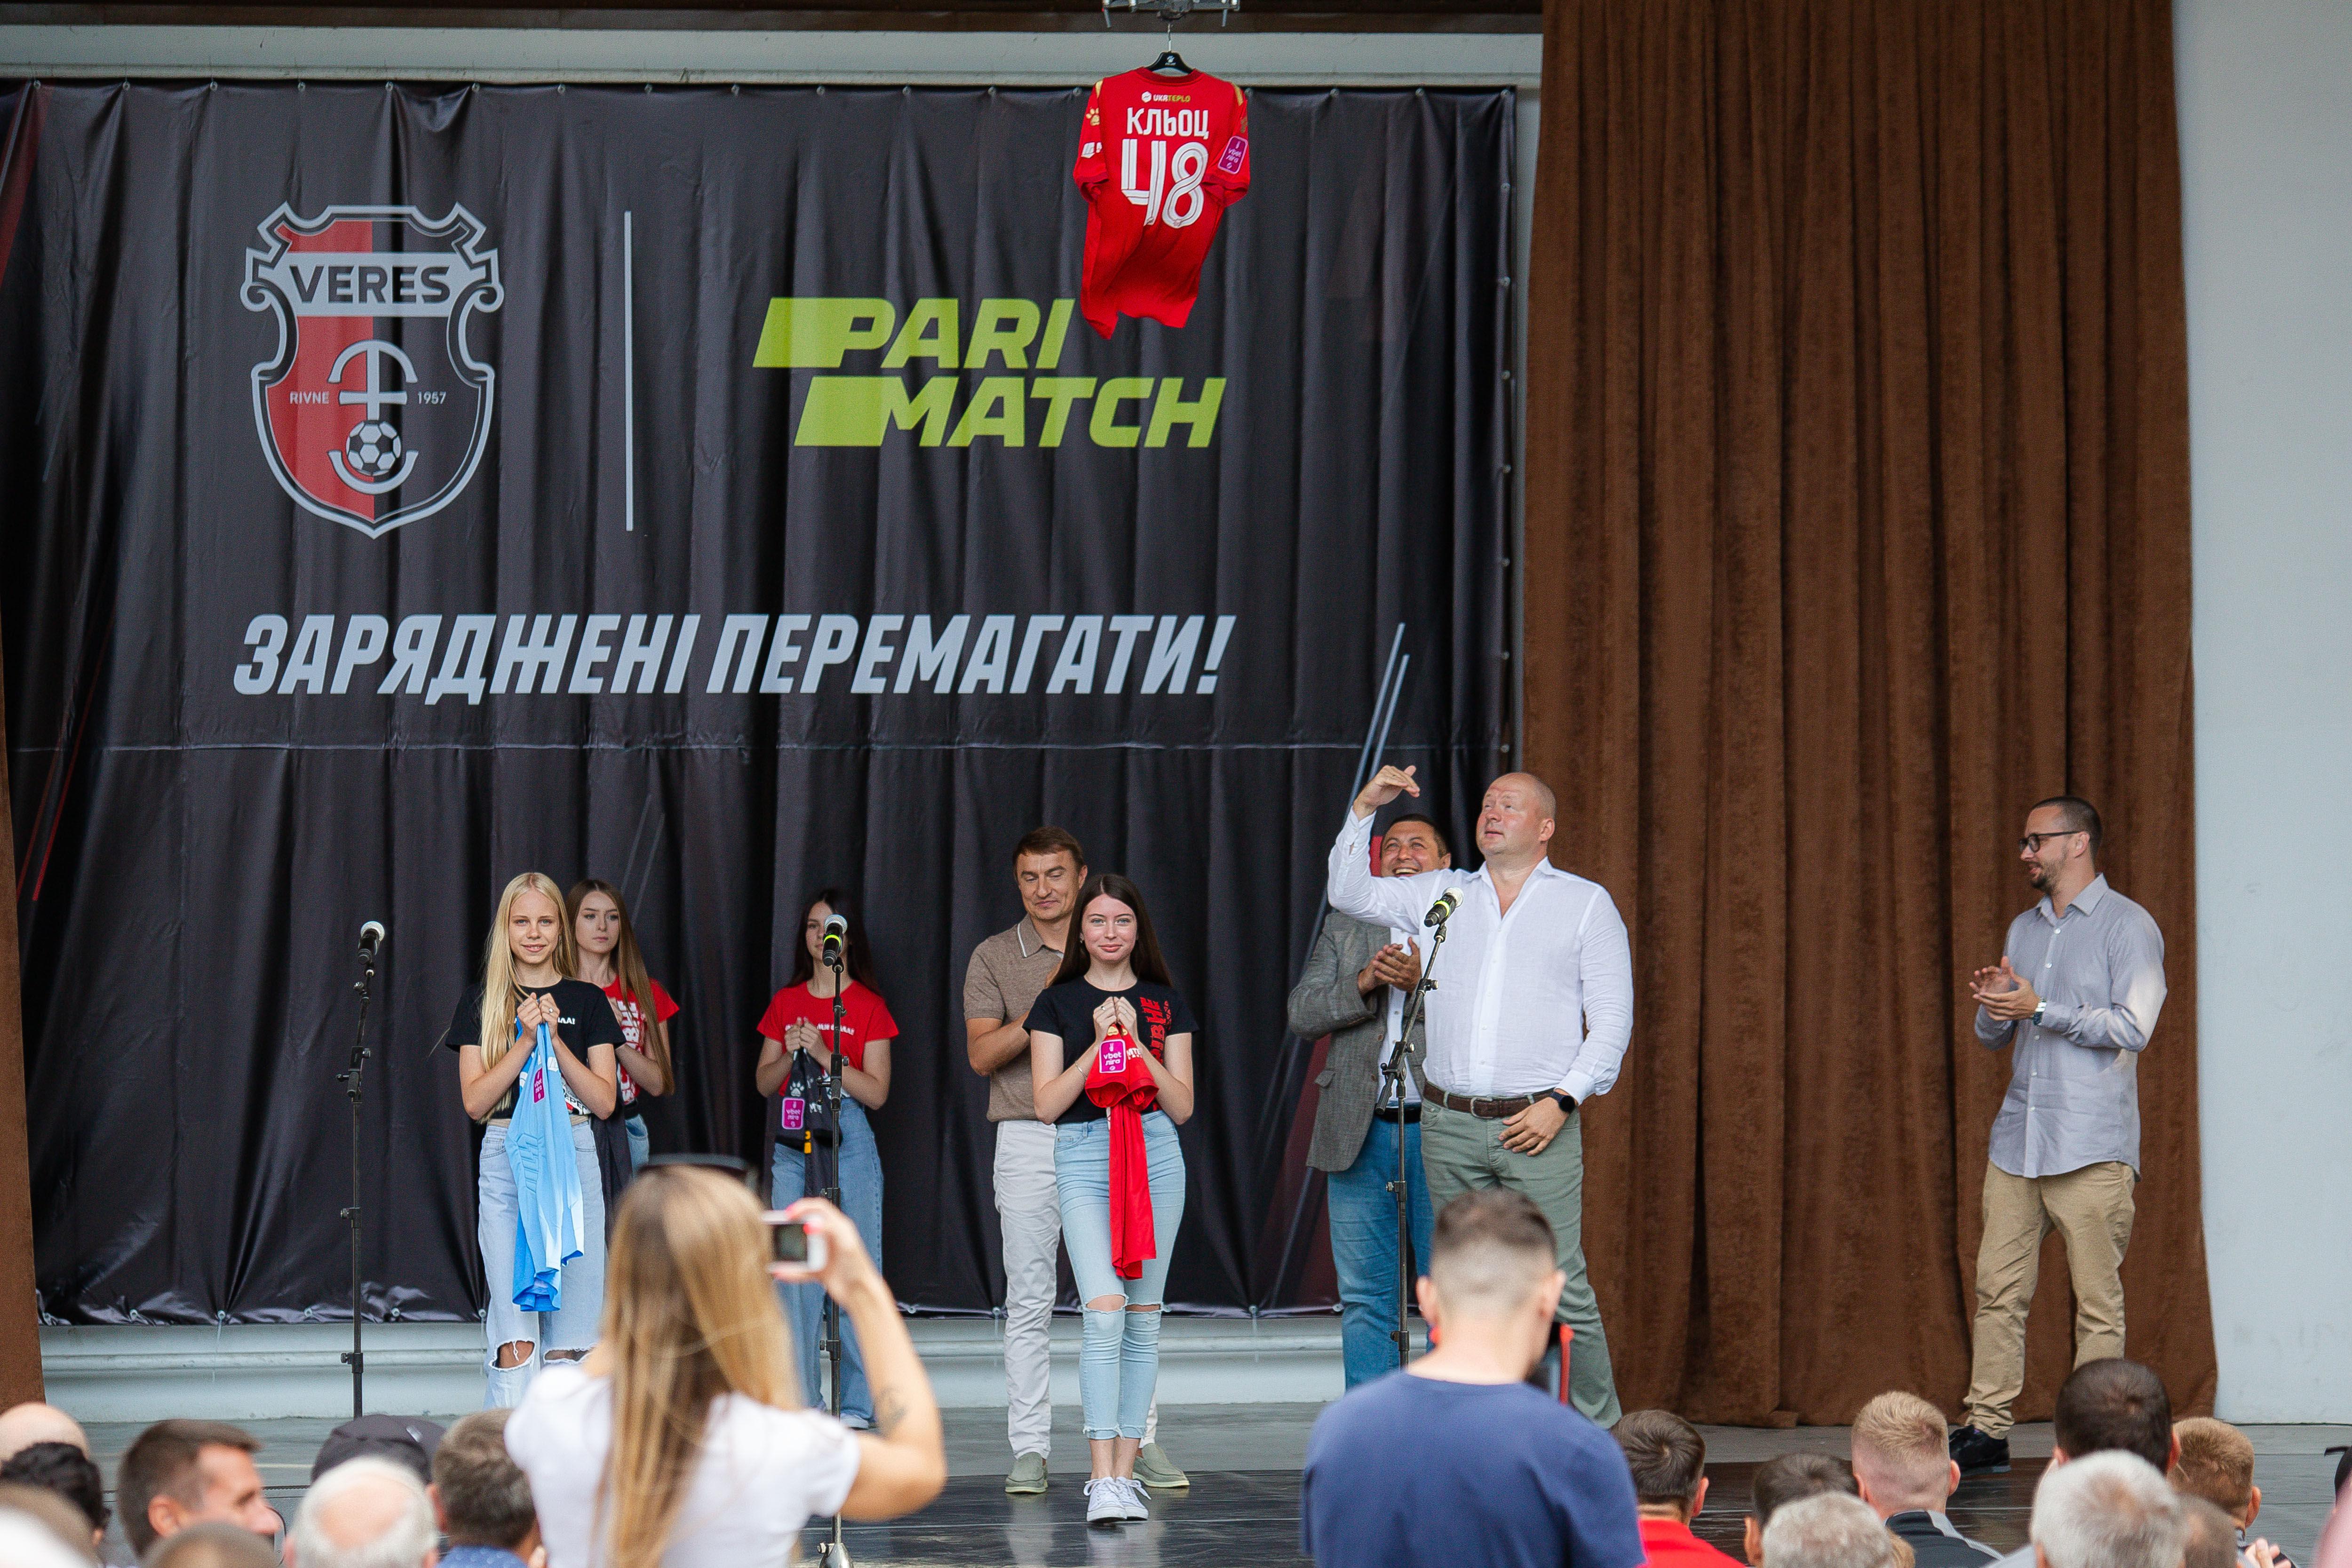 Parimatch - новый титульный партнер ровенского народного клуба Верес - изображение 1